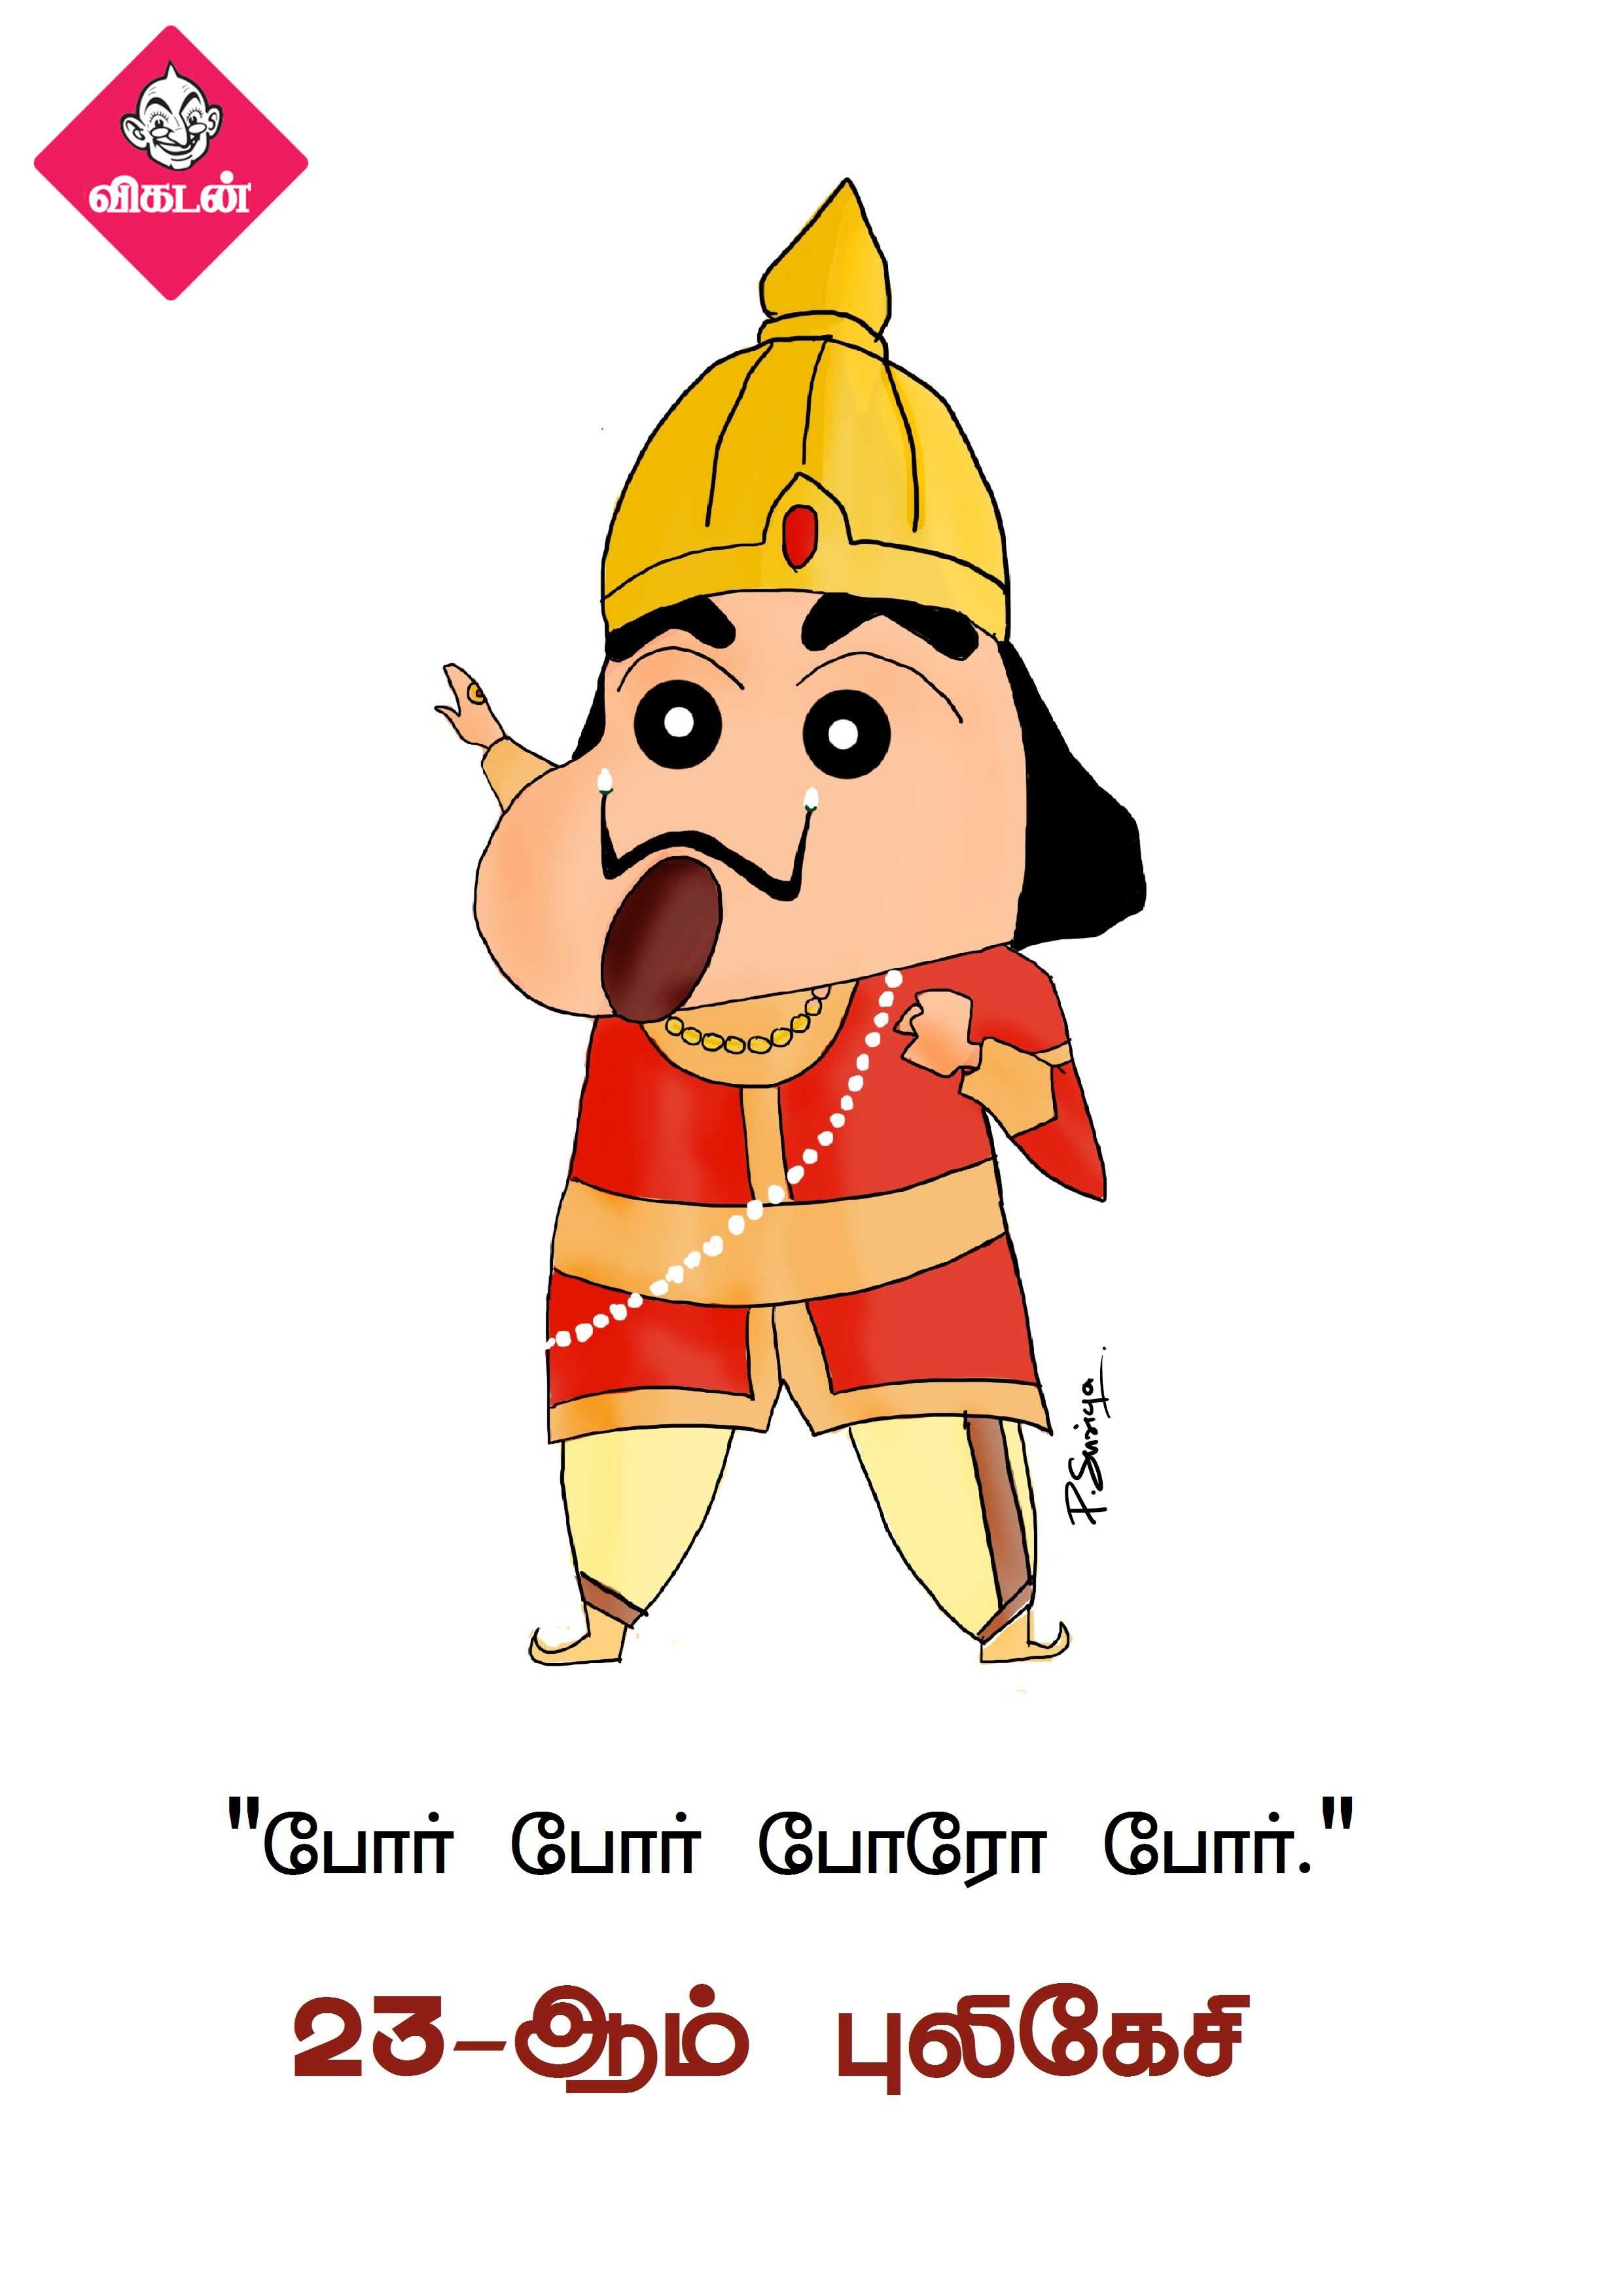 அது சின்சான், இது சின்சான்... - சின்சான் வடிவேலு வெர்ஷன்! #VikatanPhotoCards